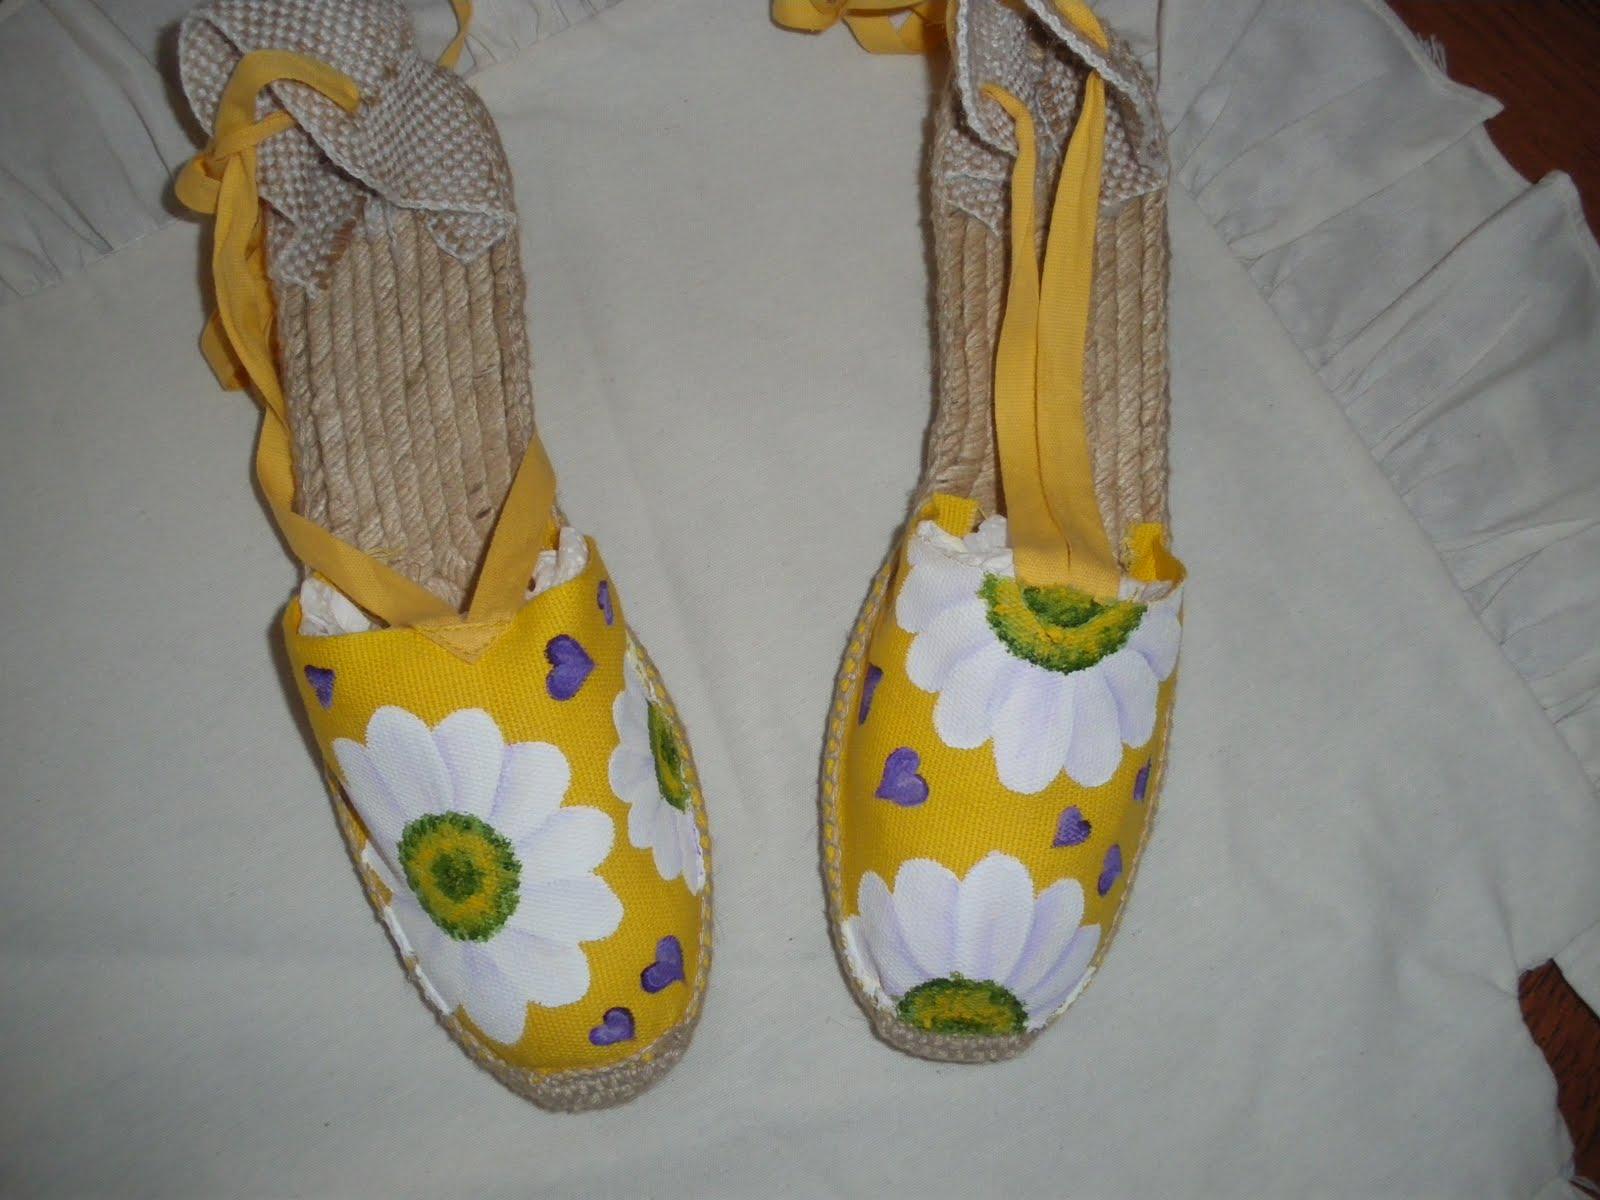 la primavera? el calorcito se resiste,pero los dias ya son mas largos y animam a pasear y si es con unas zapatillas y alpargatas decoradasalegres